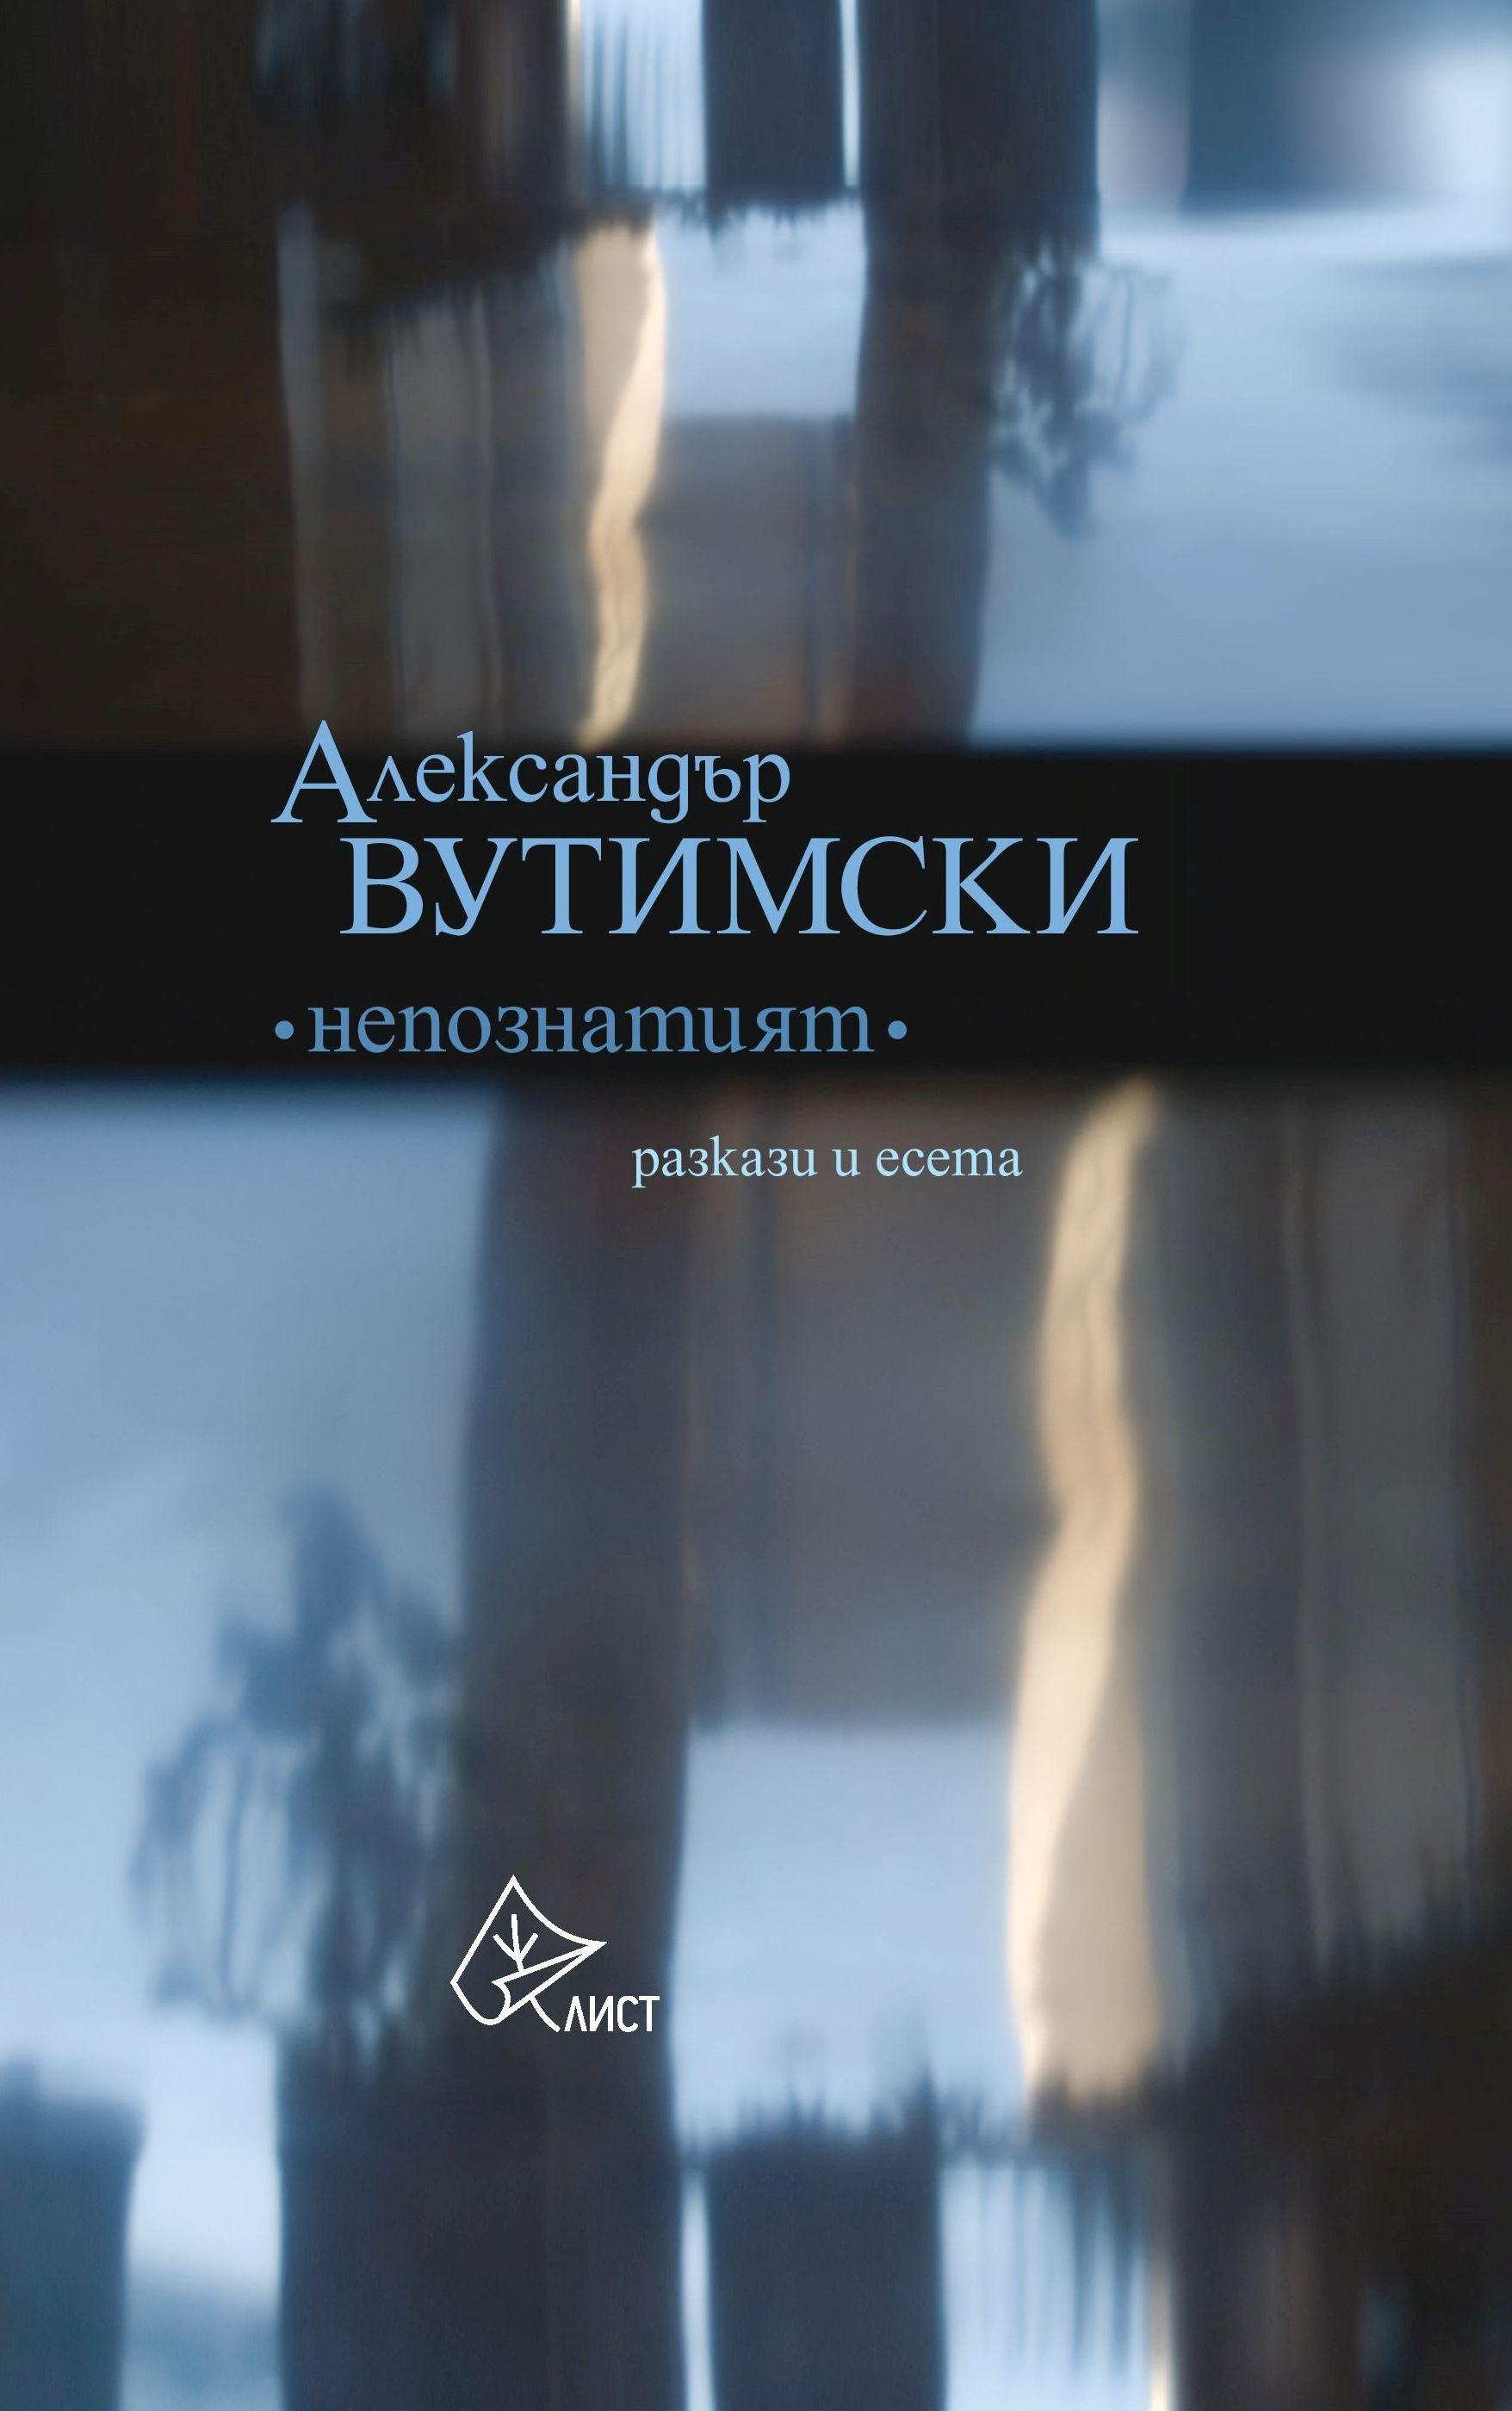 Неиздавани разкази и есета от Александър Вутимски - в луксозно издание